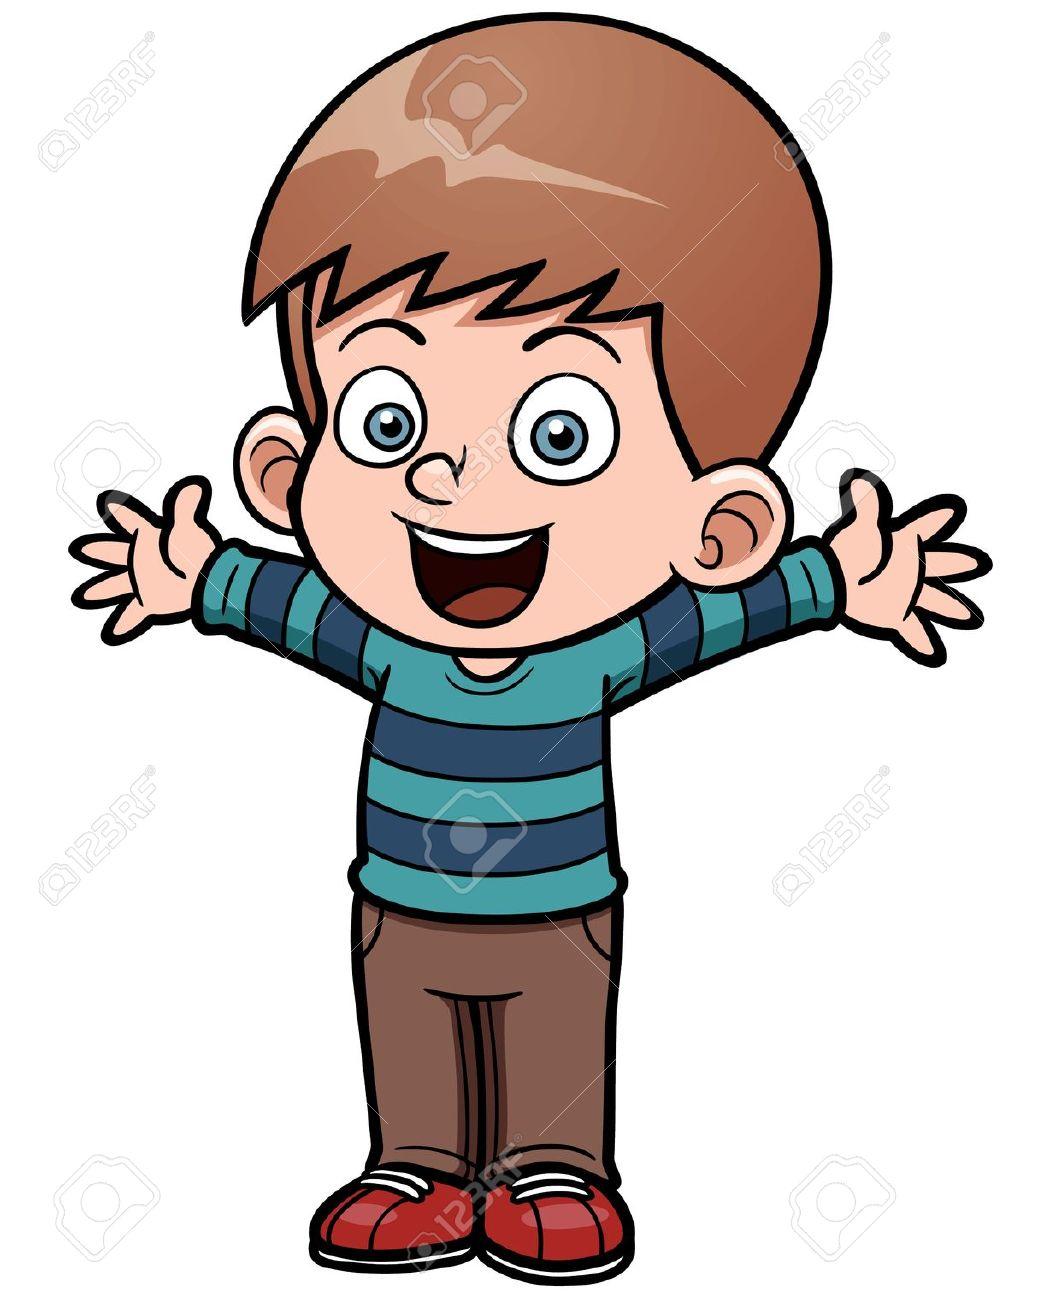 Little Boy Clipart & Little Boy Clip Art Images.